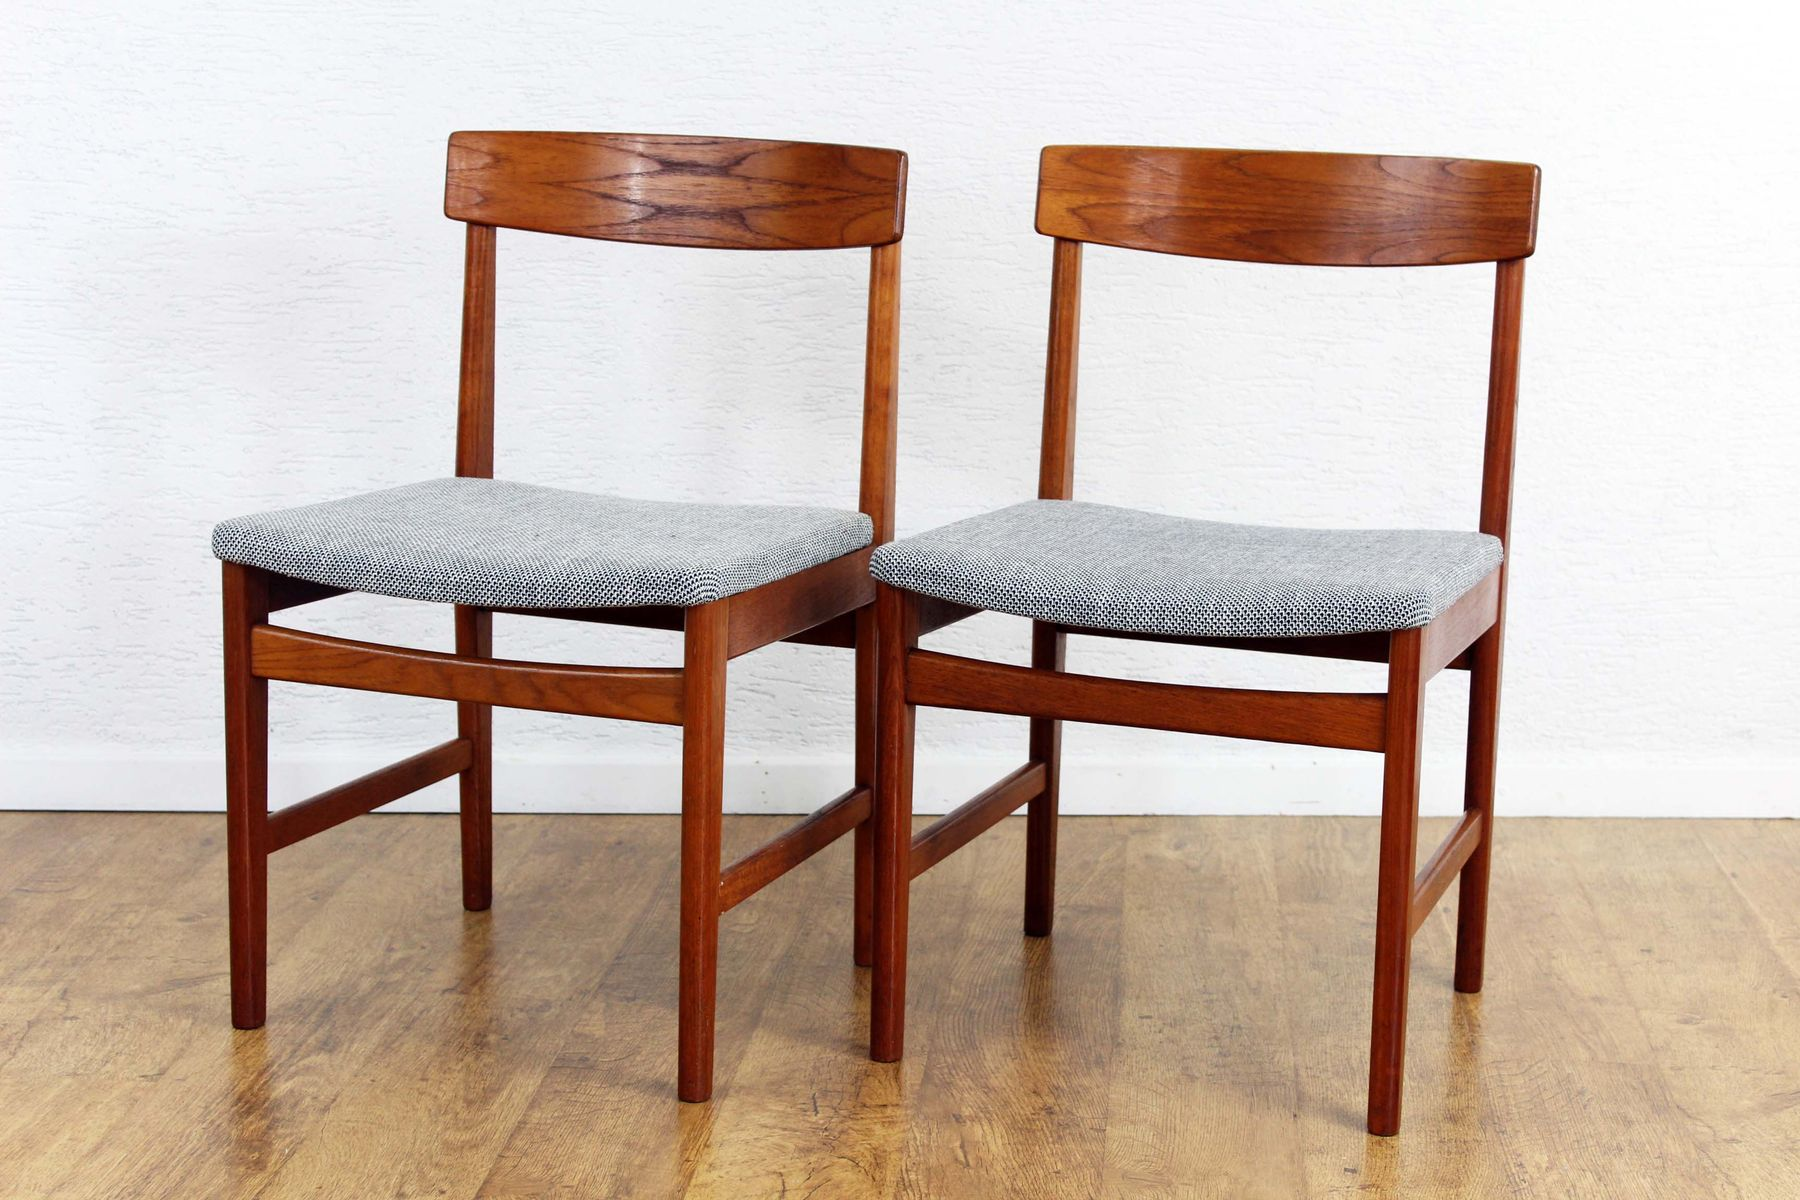 skandinavische mid century st hle von ulferts 2er set bei pamono kaufen. Black Bedroom Furniture Sets. Home Design Ideas